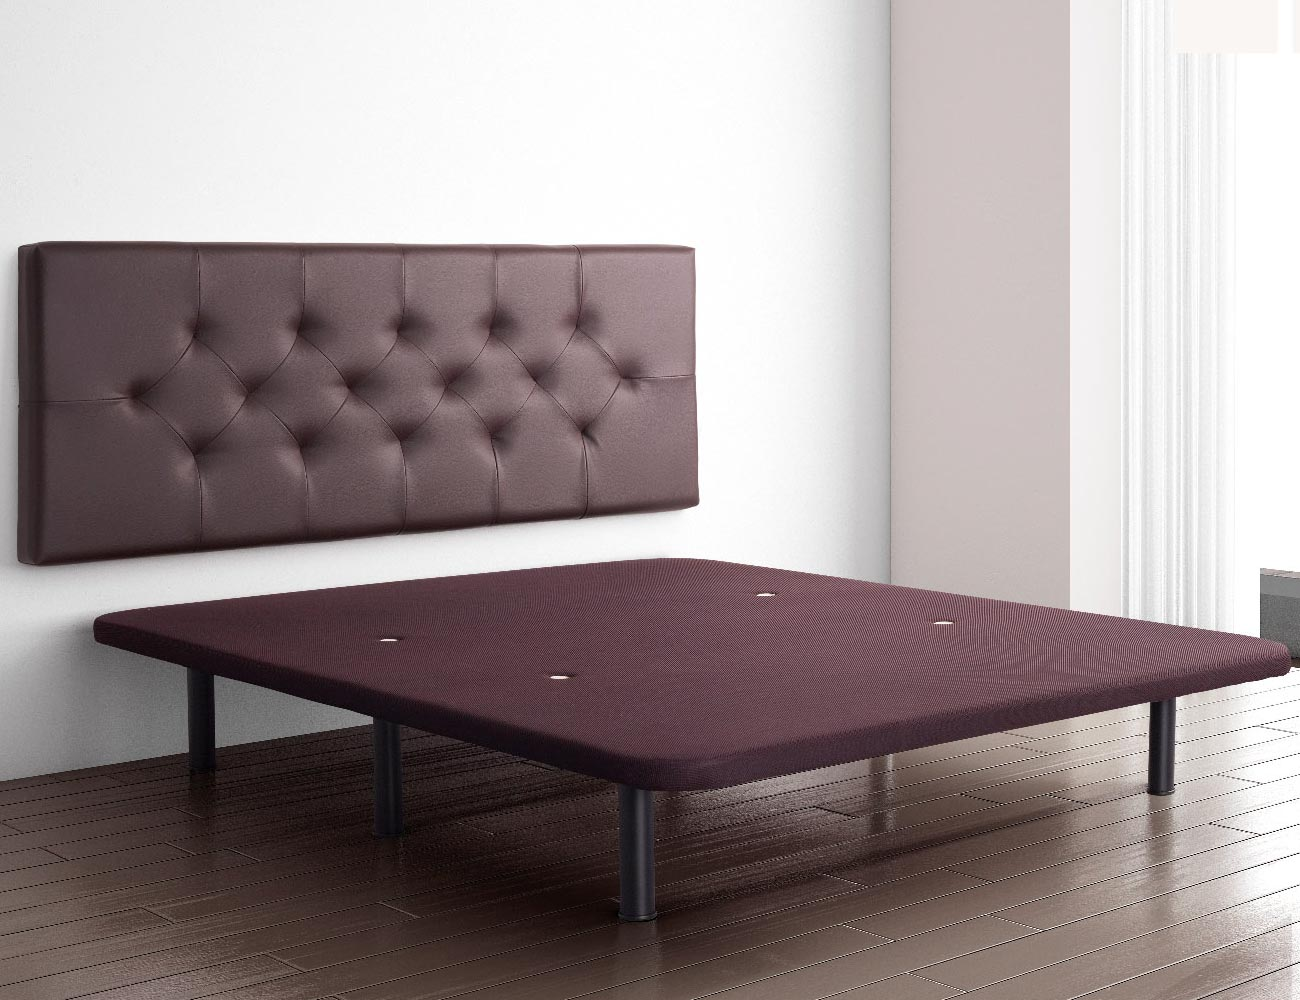 Base 3d aireada chocolate9